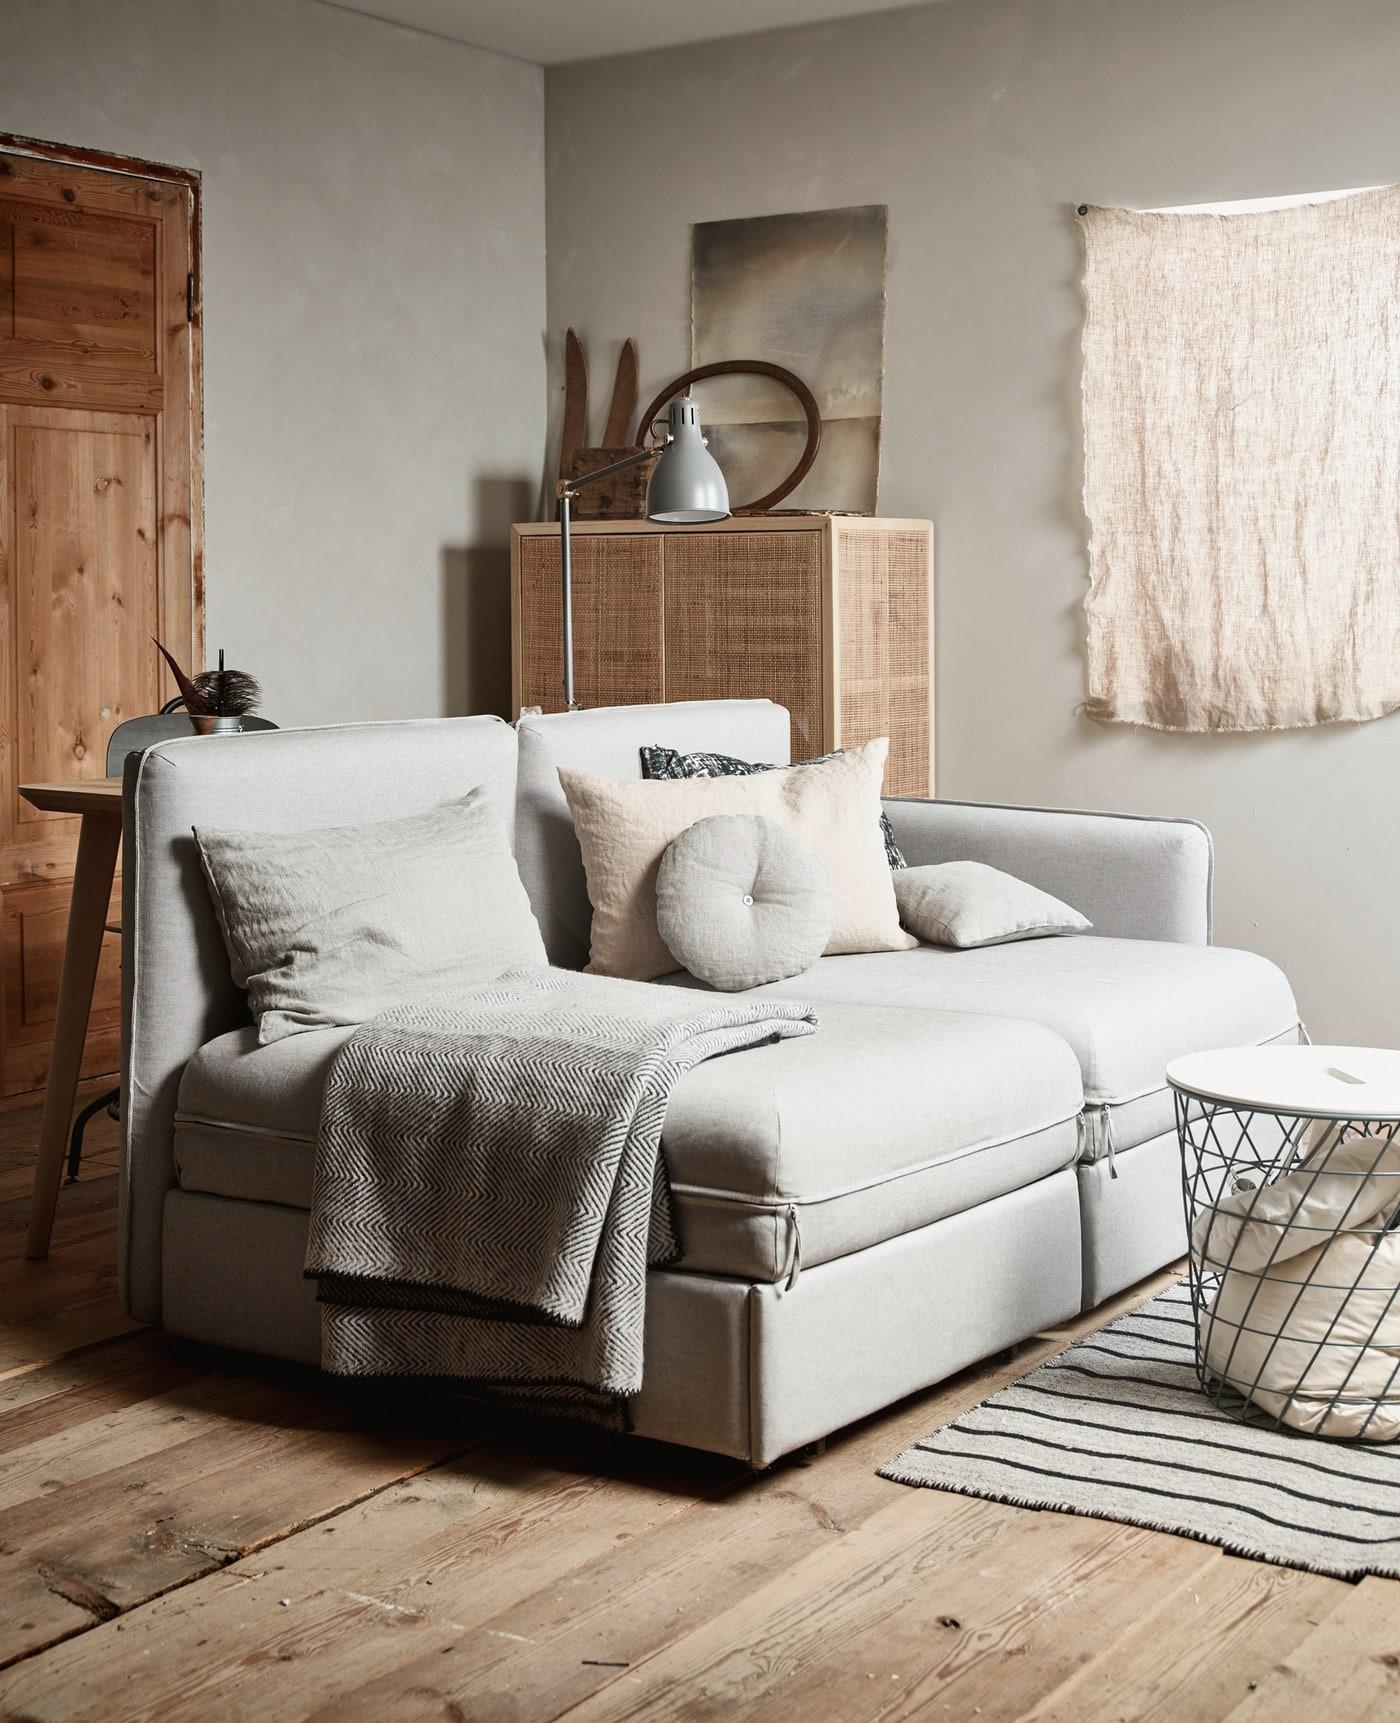 Habitación de invitados? ¿Oficina? ¿Sala de descanso? Sí IKEA